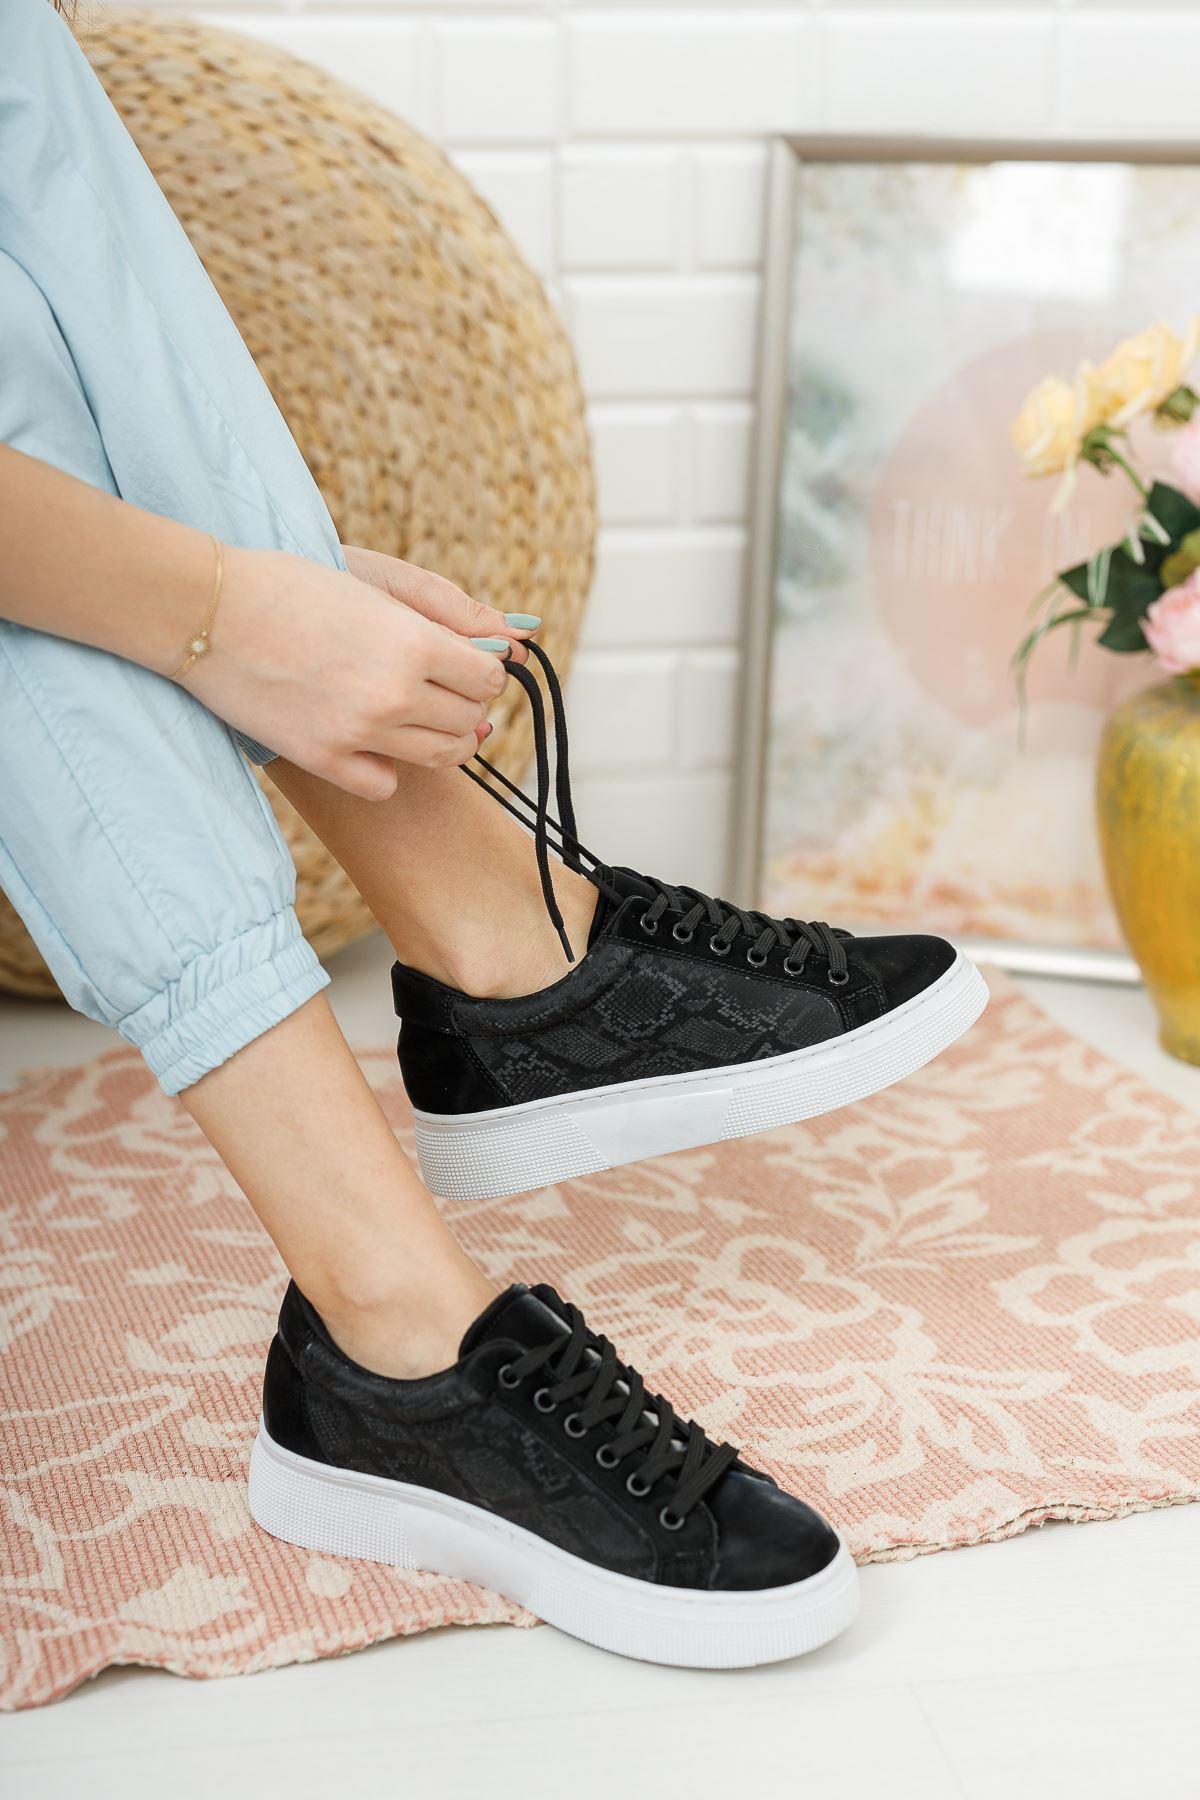 Kadın Holmes Kalın Taban Bağcıklı Baskı Detay Siyah Spor Ayakkabı